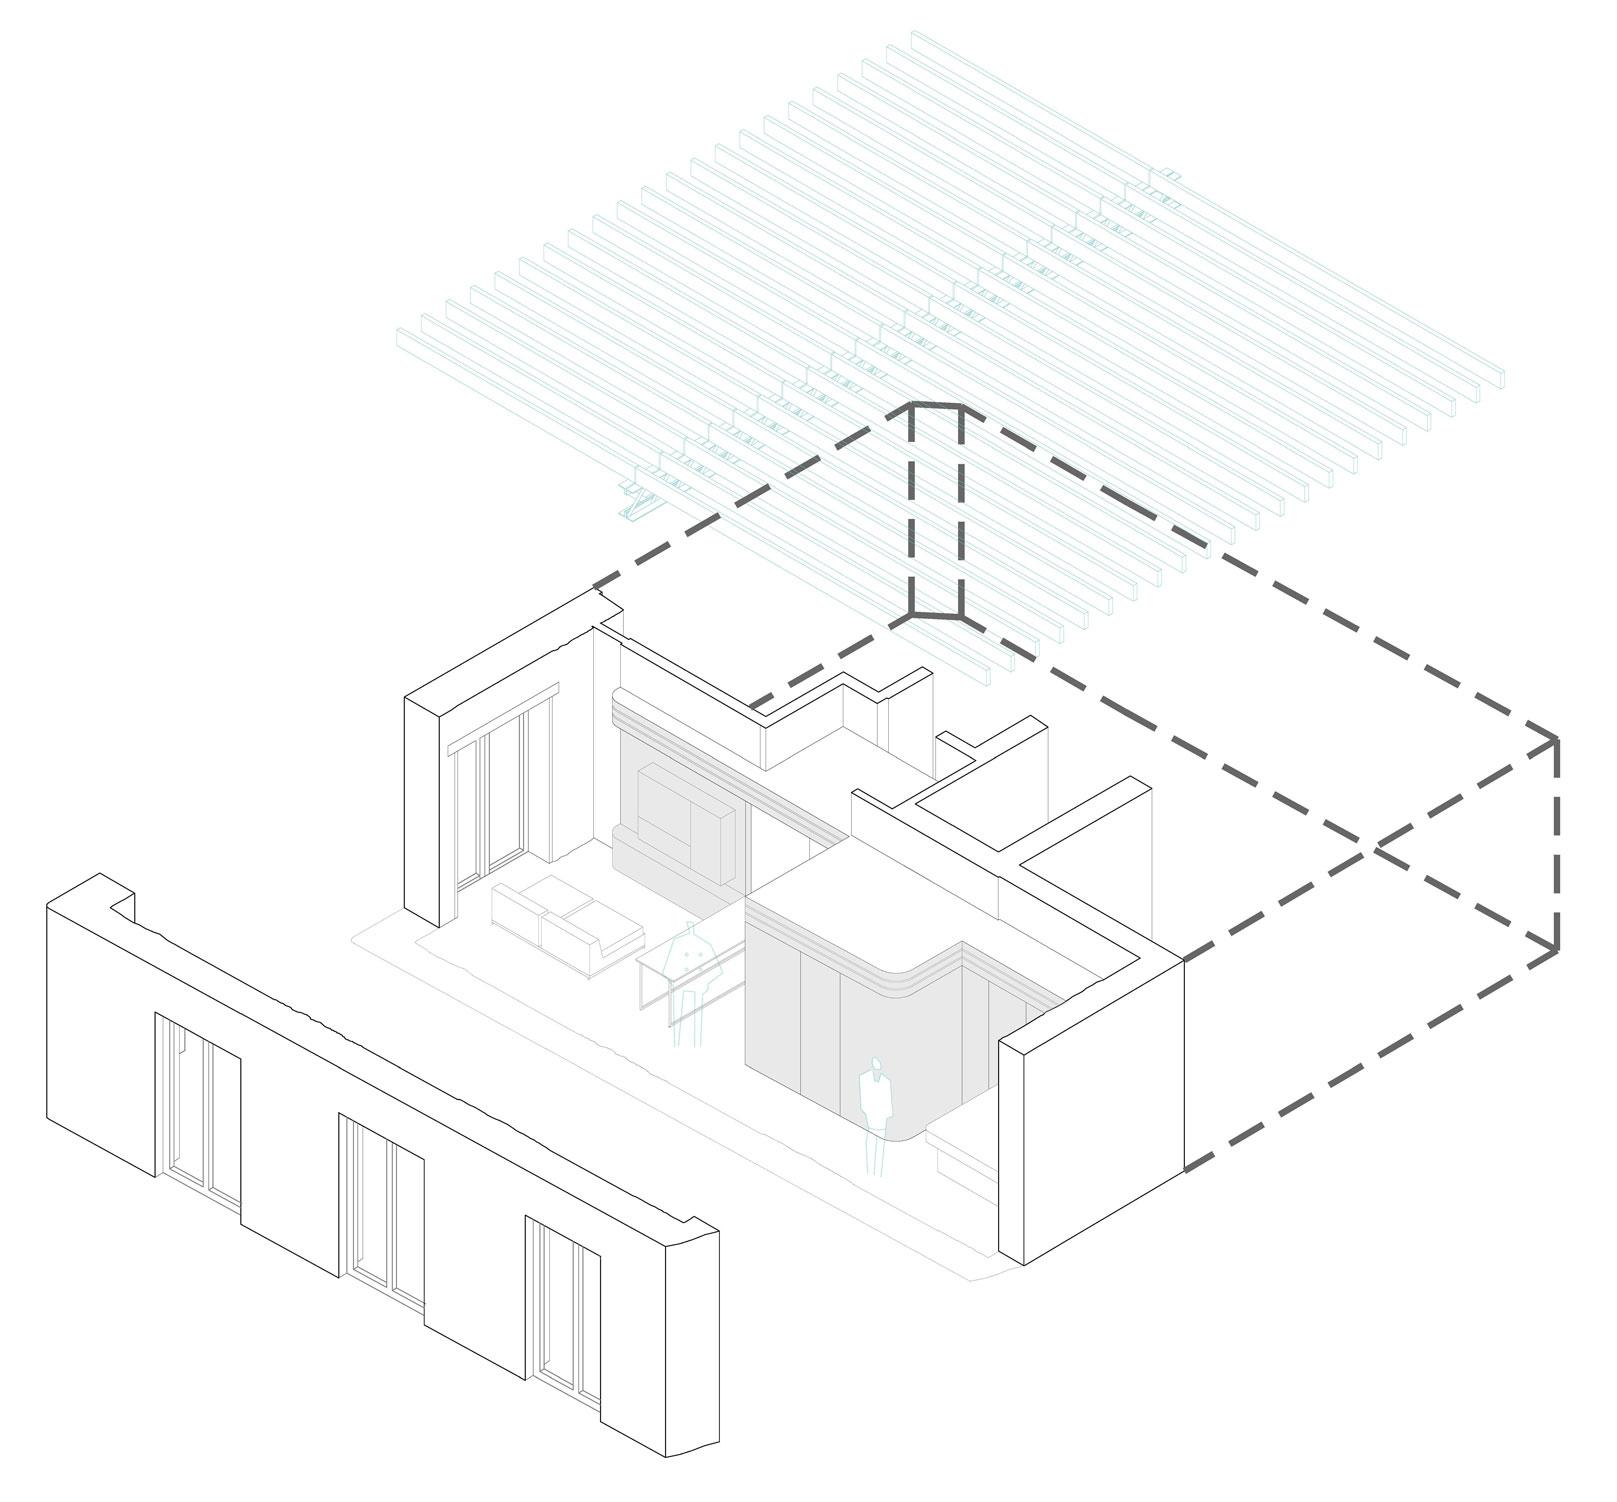 rehabilitacion-edificios-alicante-slider2